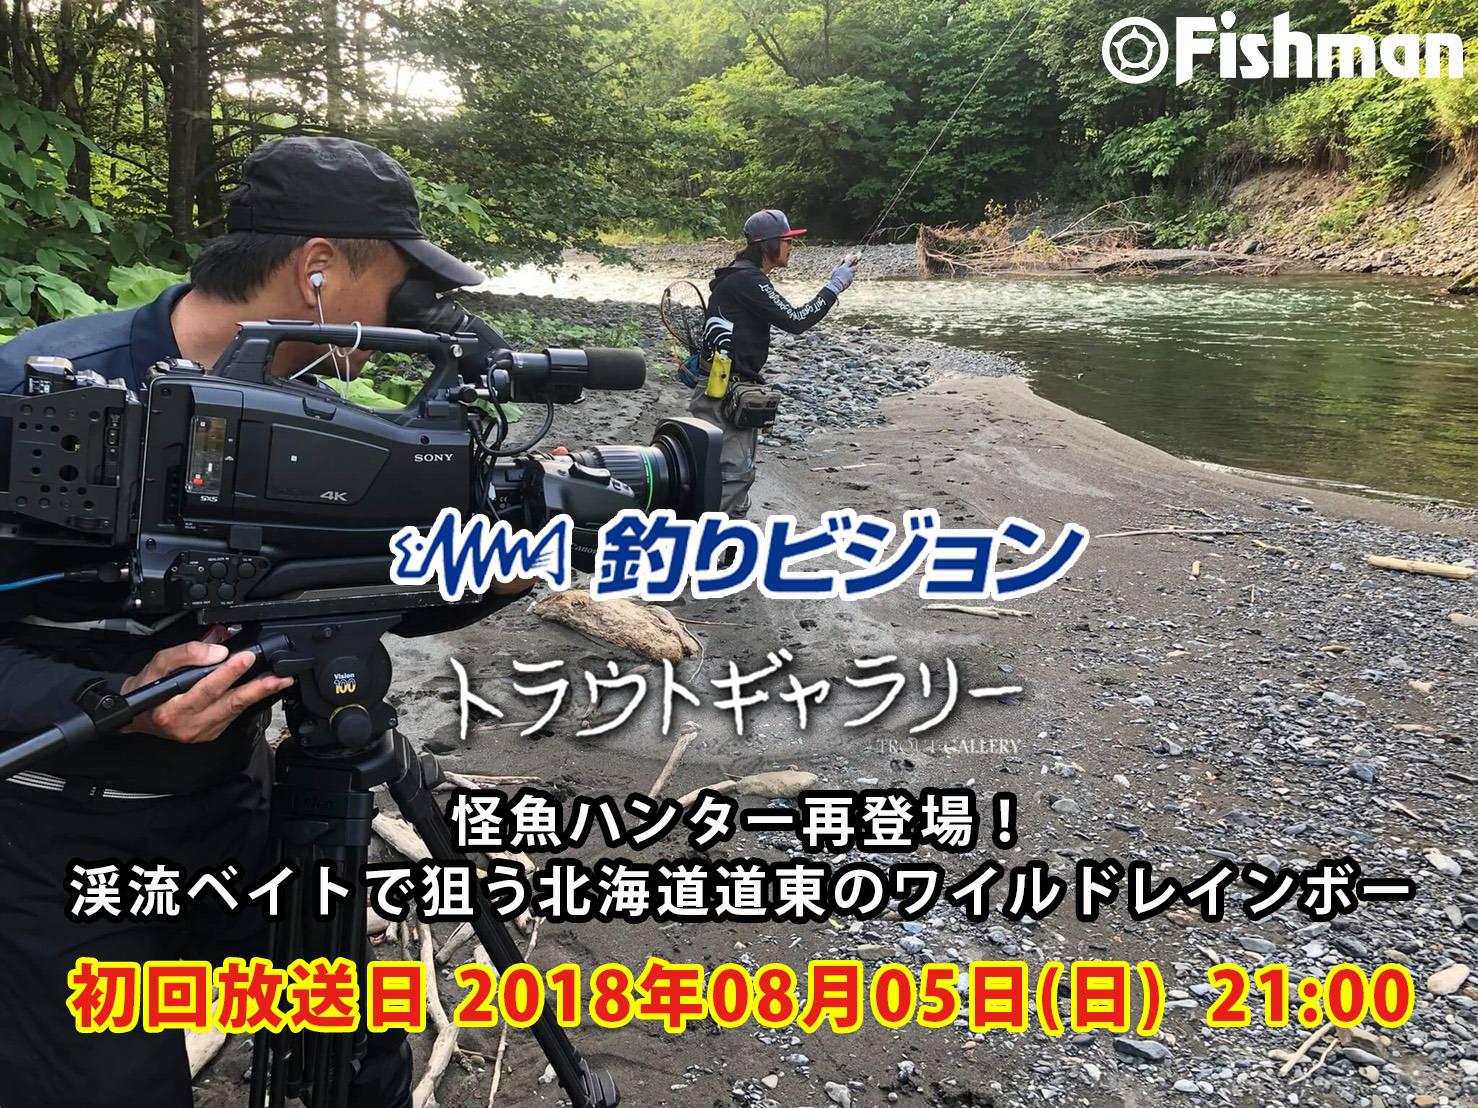 只今、代表赤塚が釣りビジョンのロケで北海道、渚滑川水系にてワイルドレインボーを狙っております!